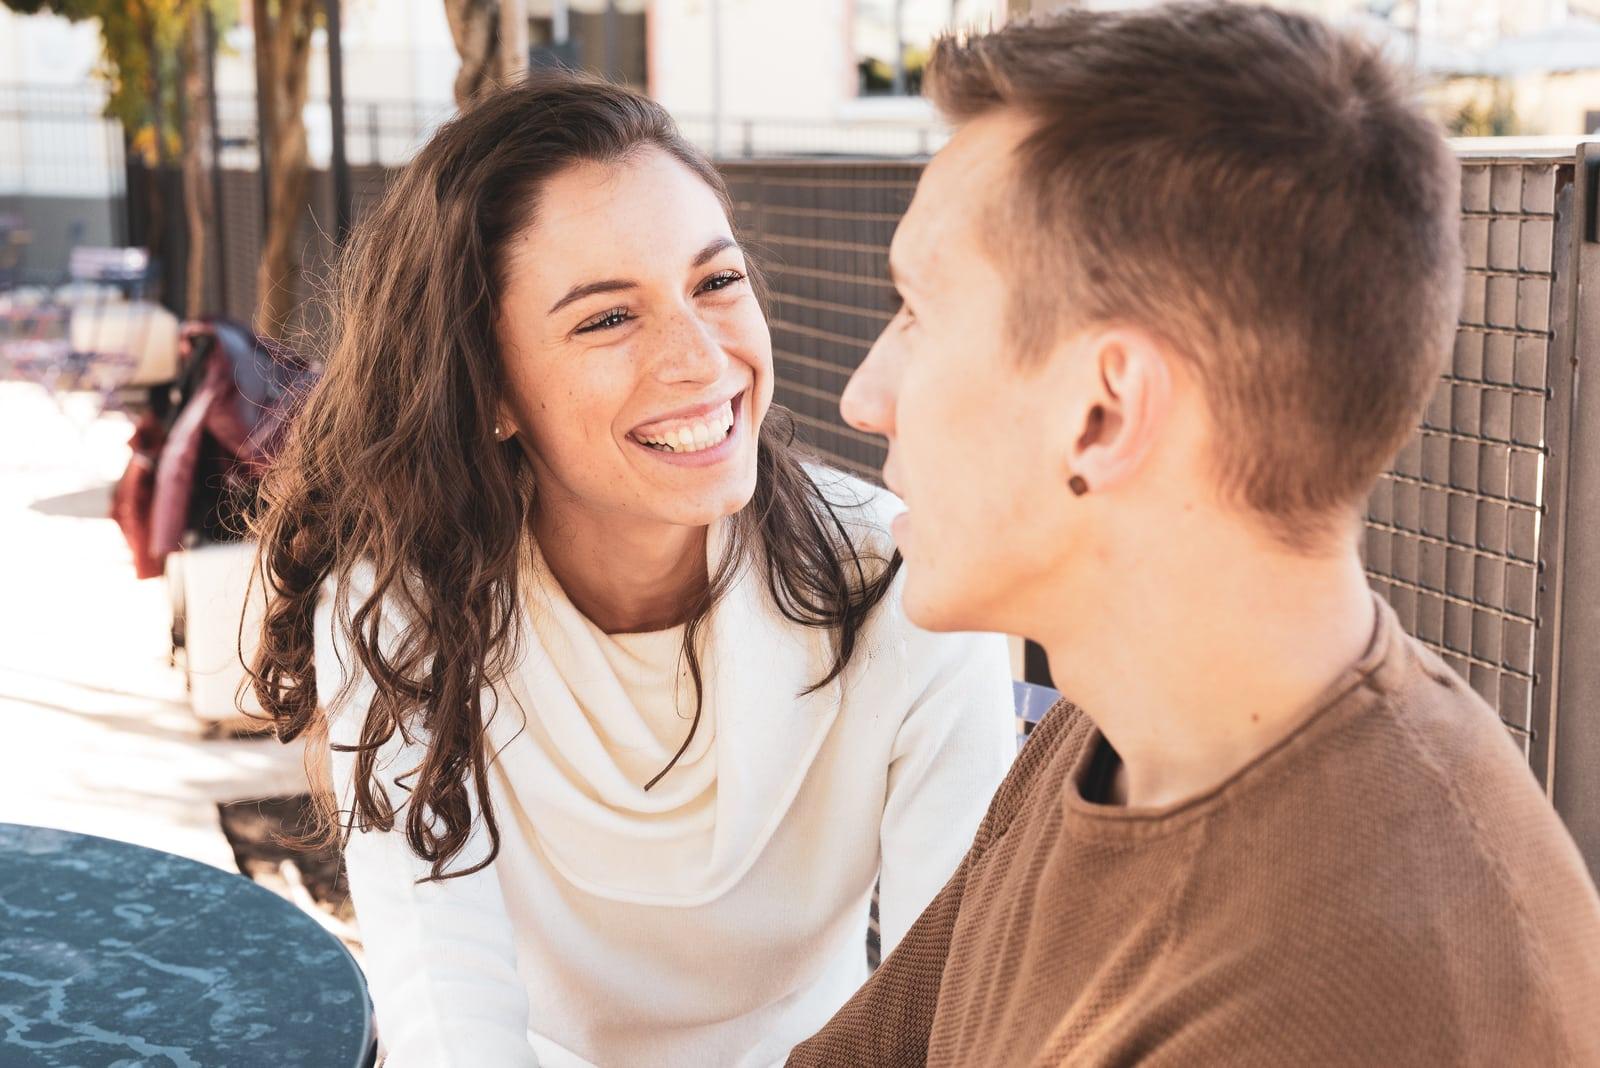 a smiling brunette and a man flirt